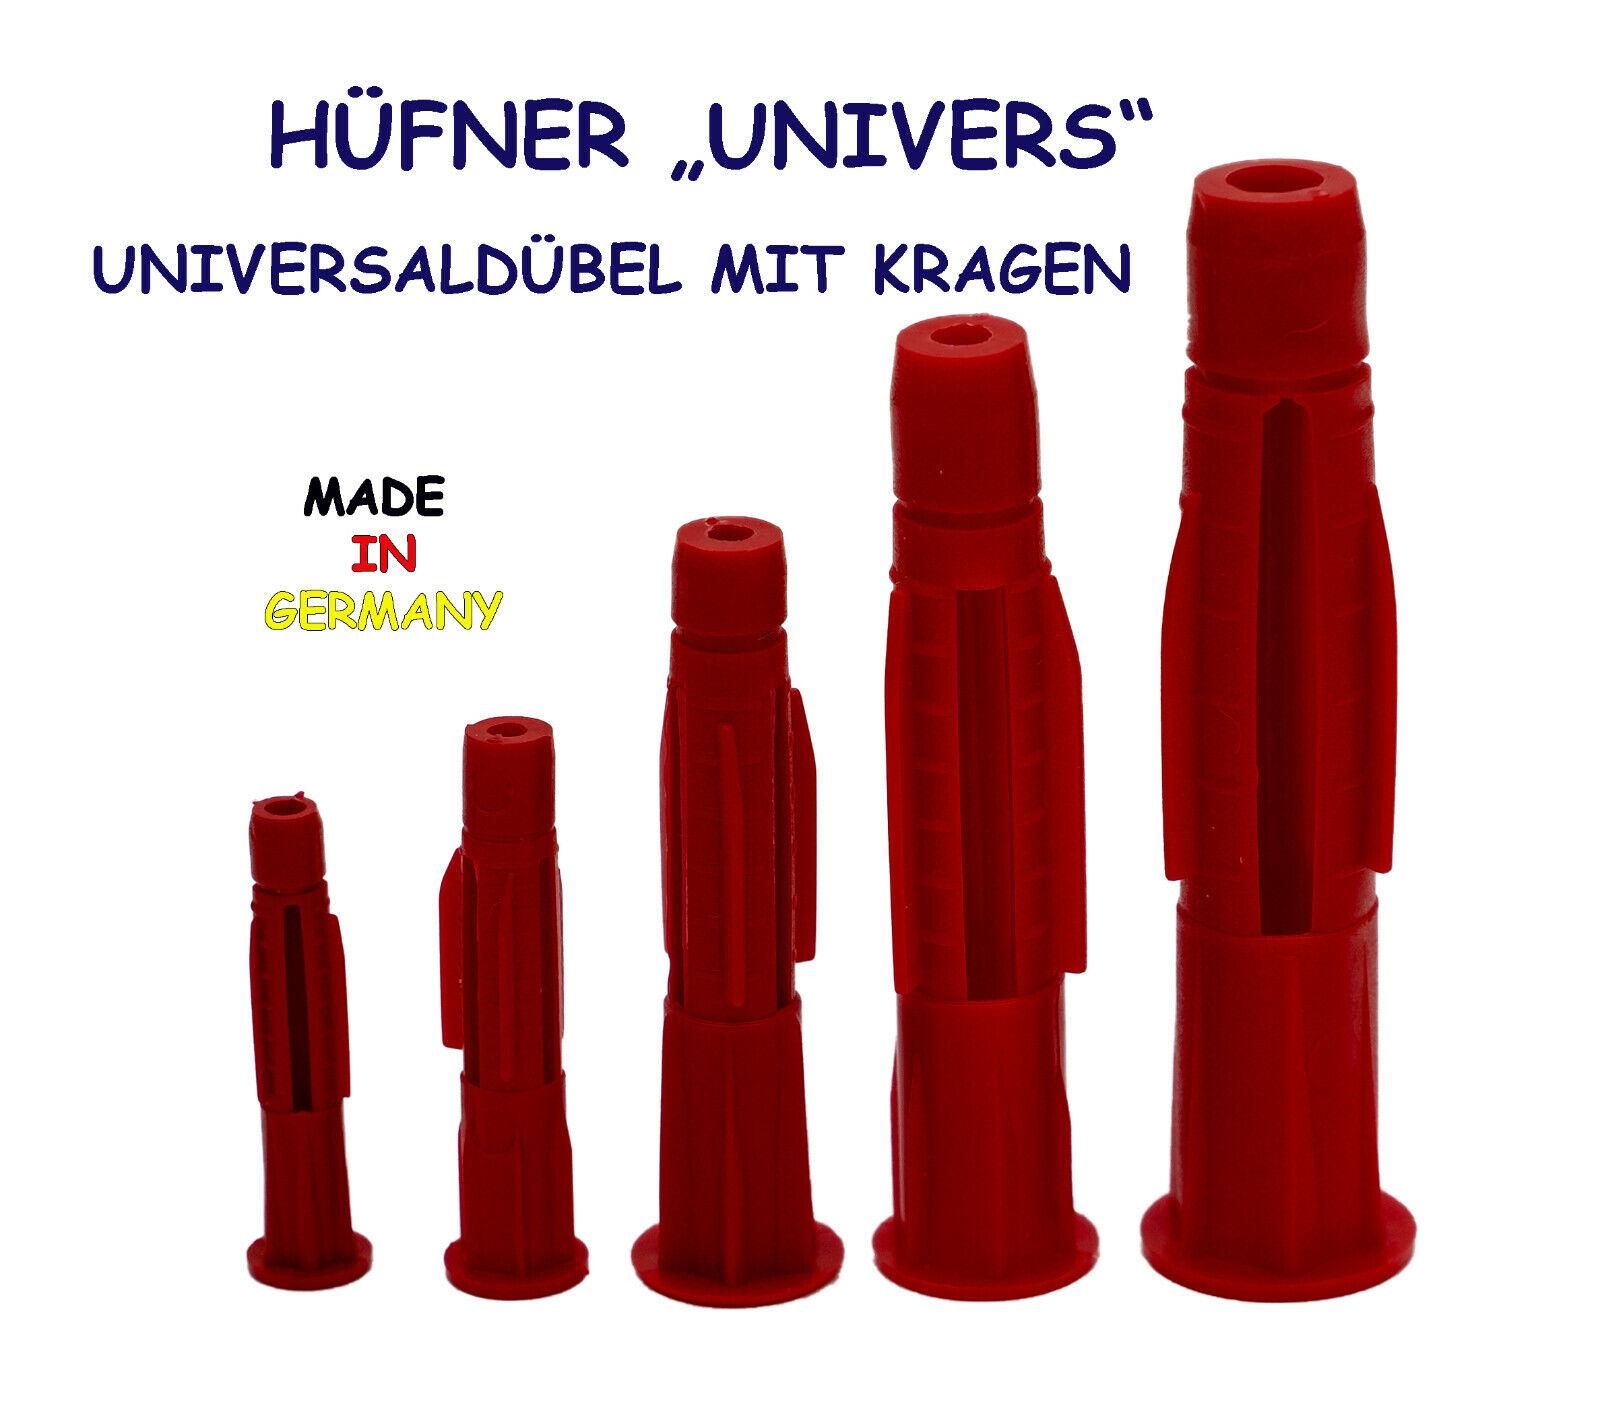 """20 Universaldübel ohne Kragen /""""UNIVERS/"""" 14 mm Stück"""